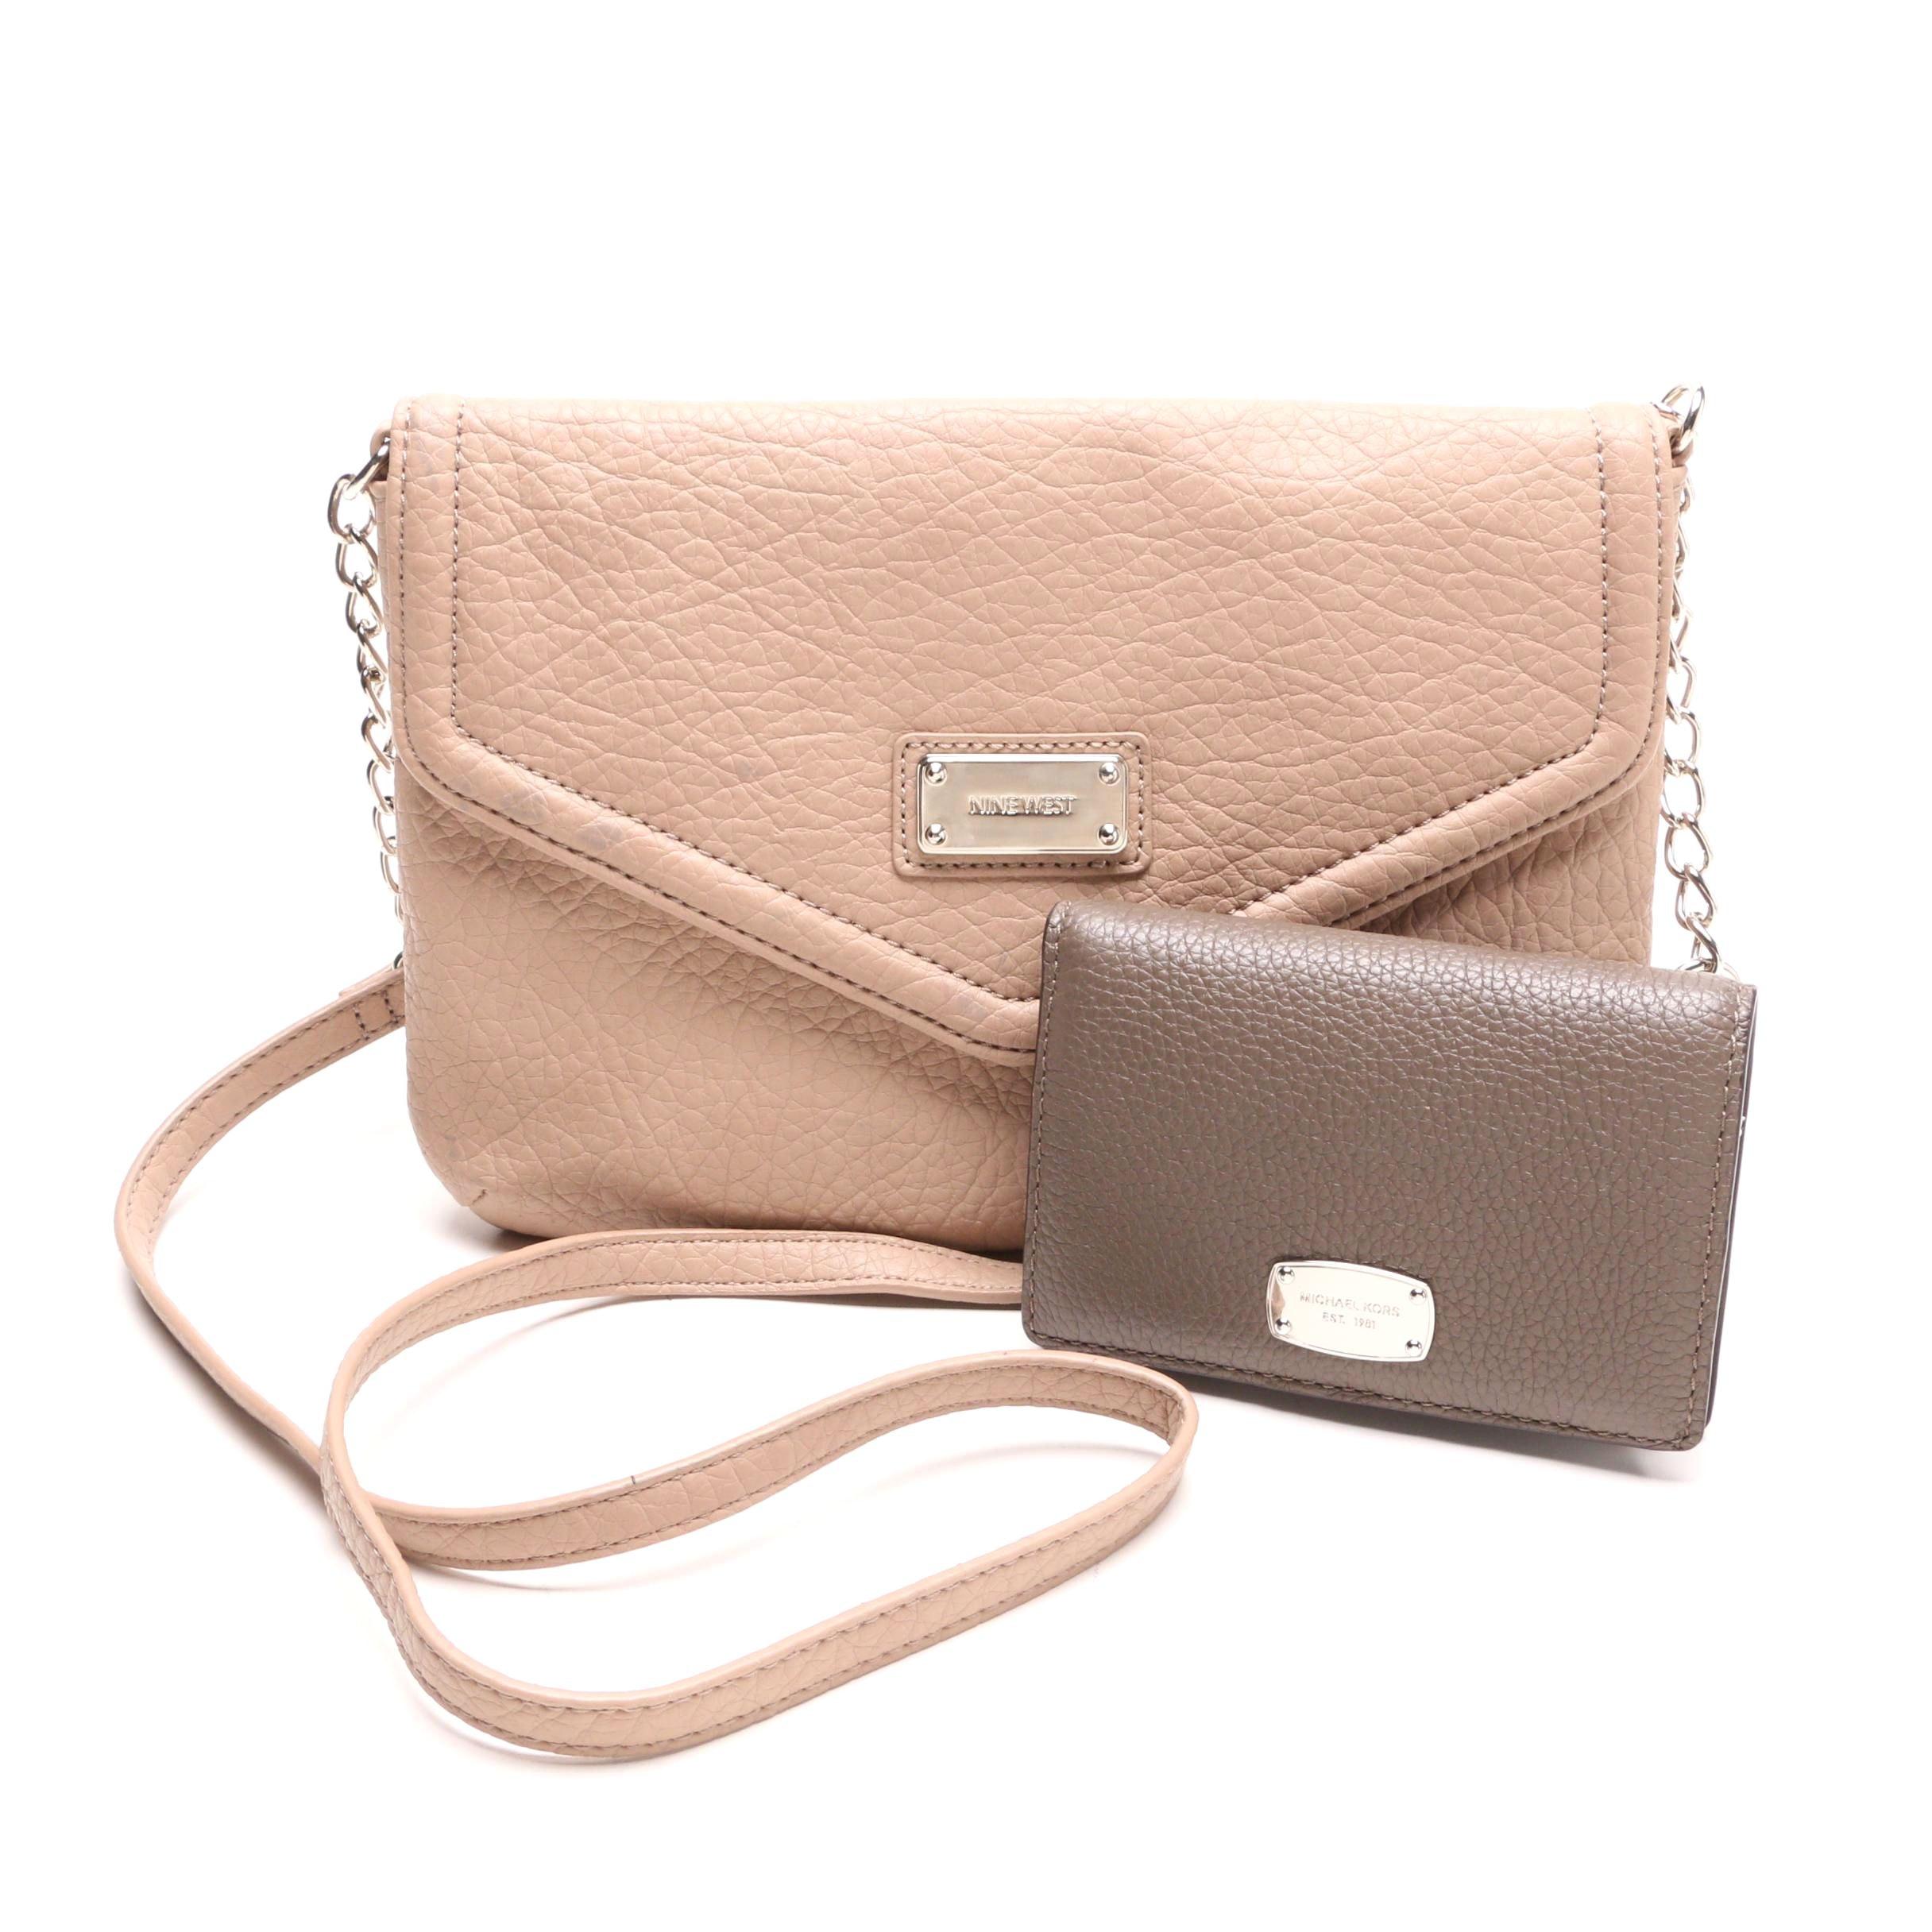 Nine West Shoulder Bag and Michael Kors Slim Leather Wallet